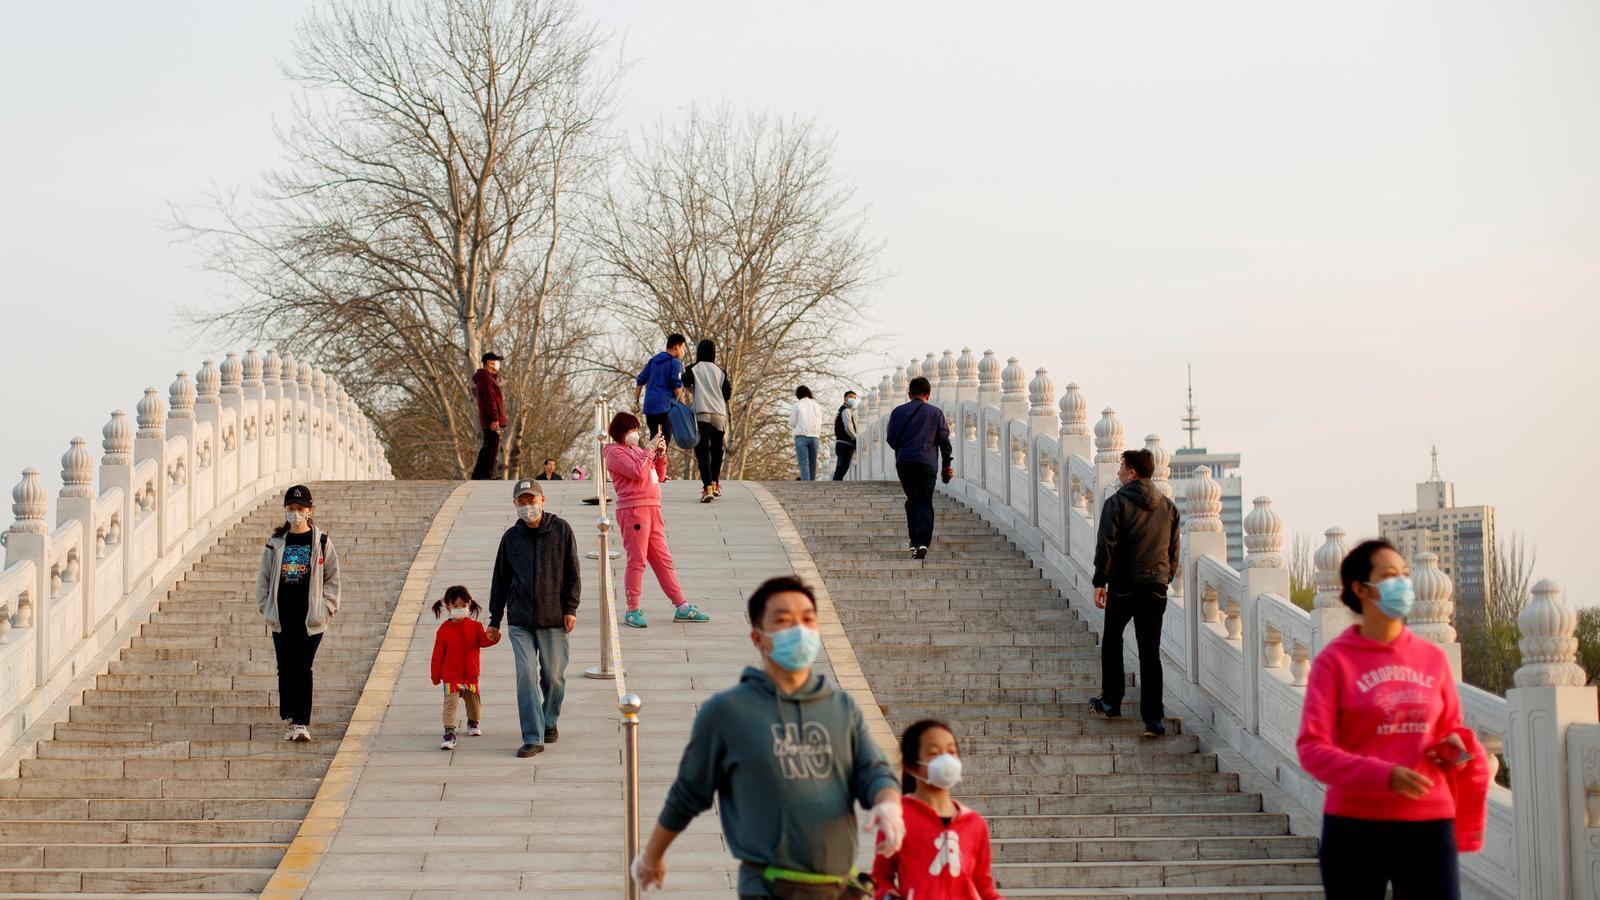 La Xina podria tenir 43.000 contagiats sense símptomes i que no ha comptabilitzat